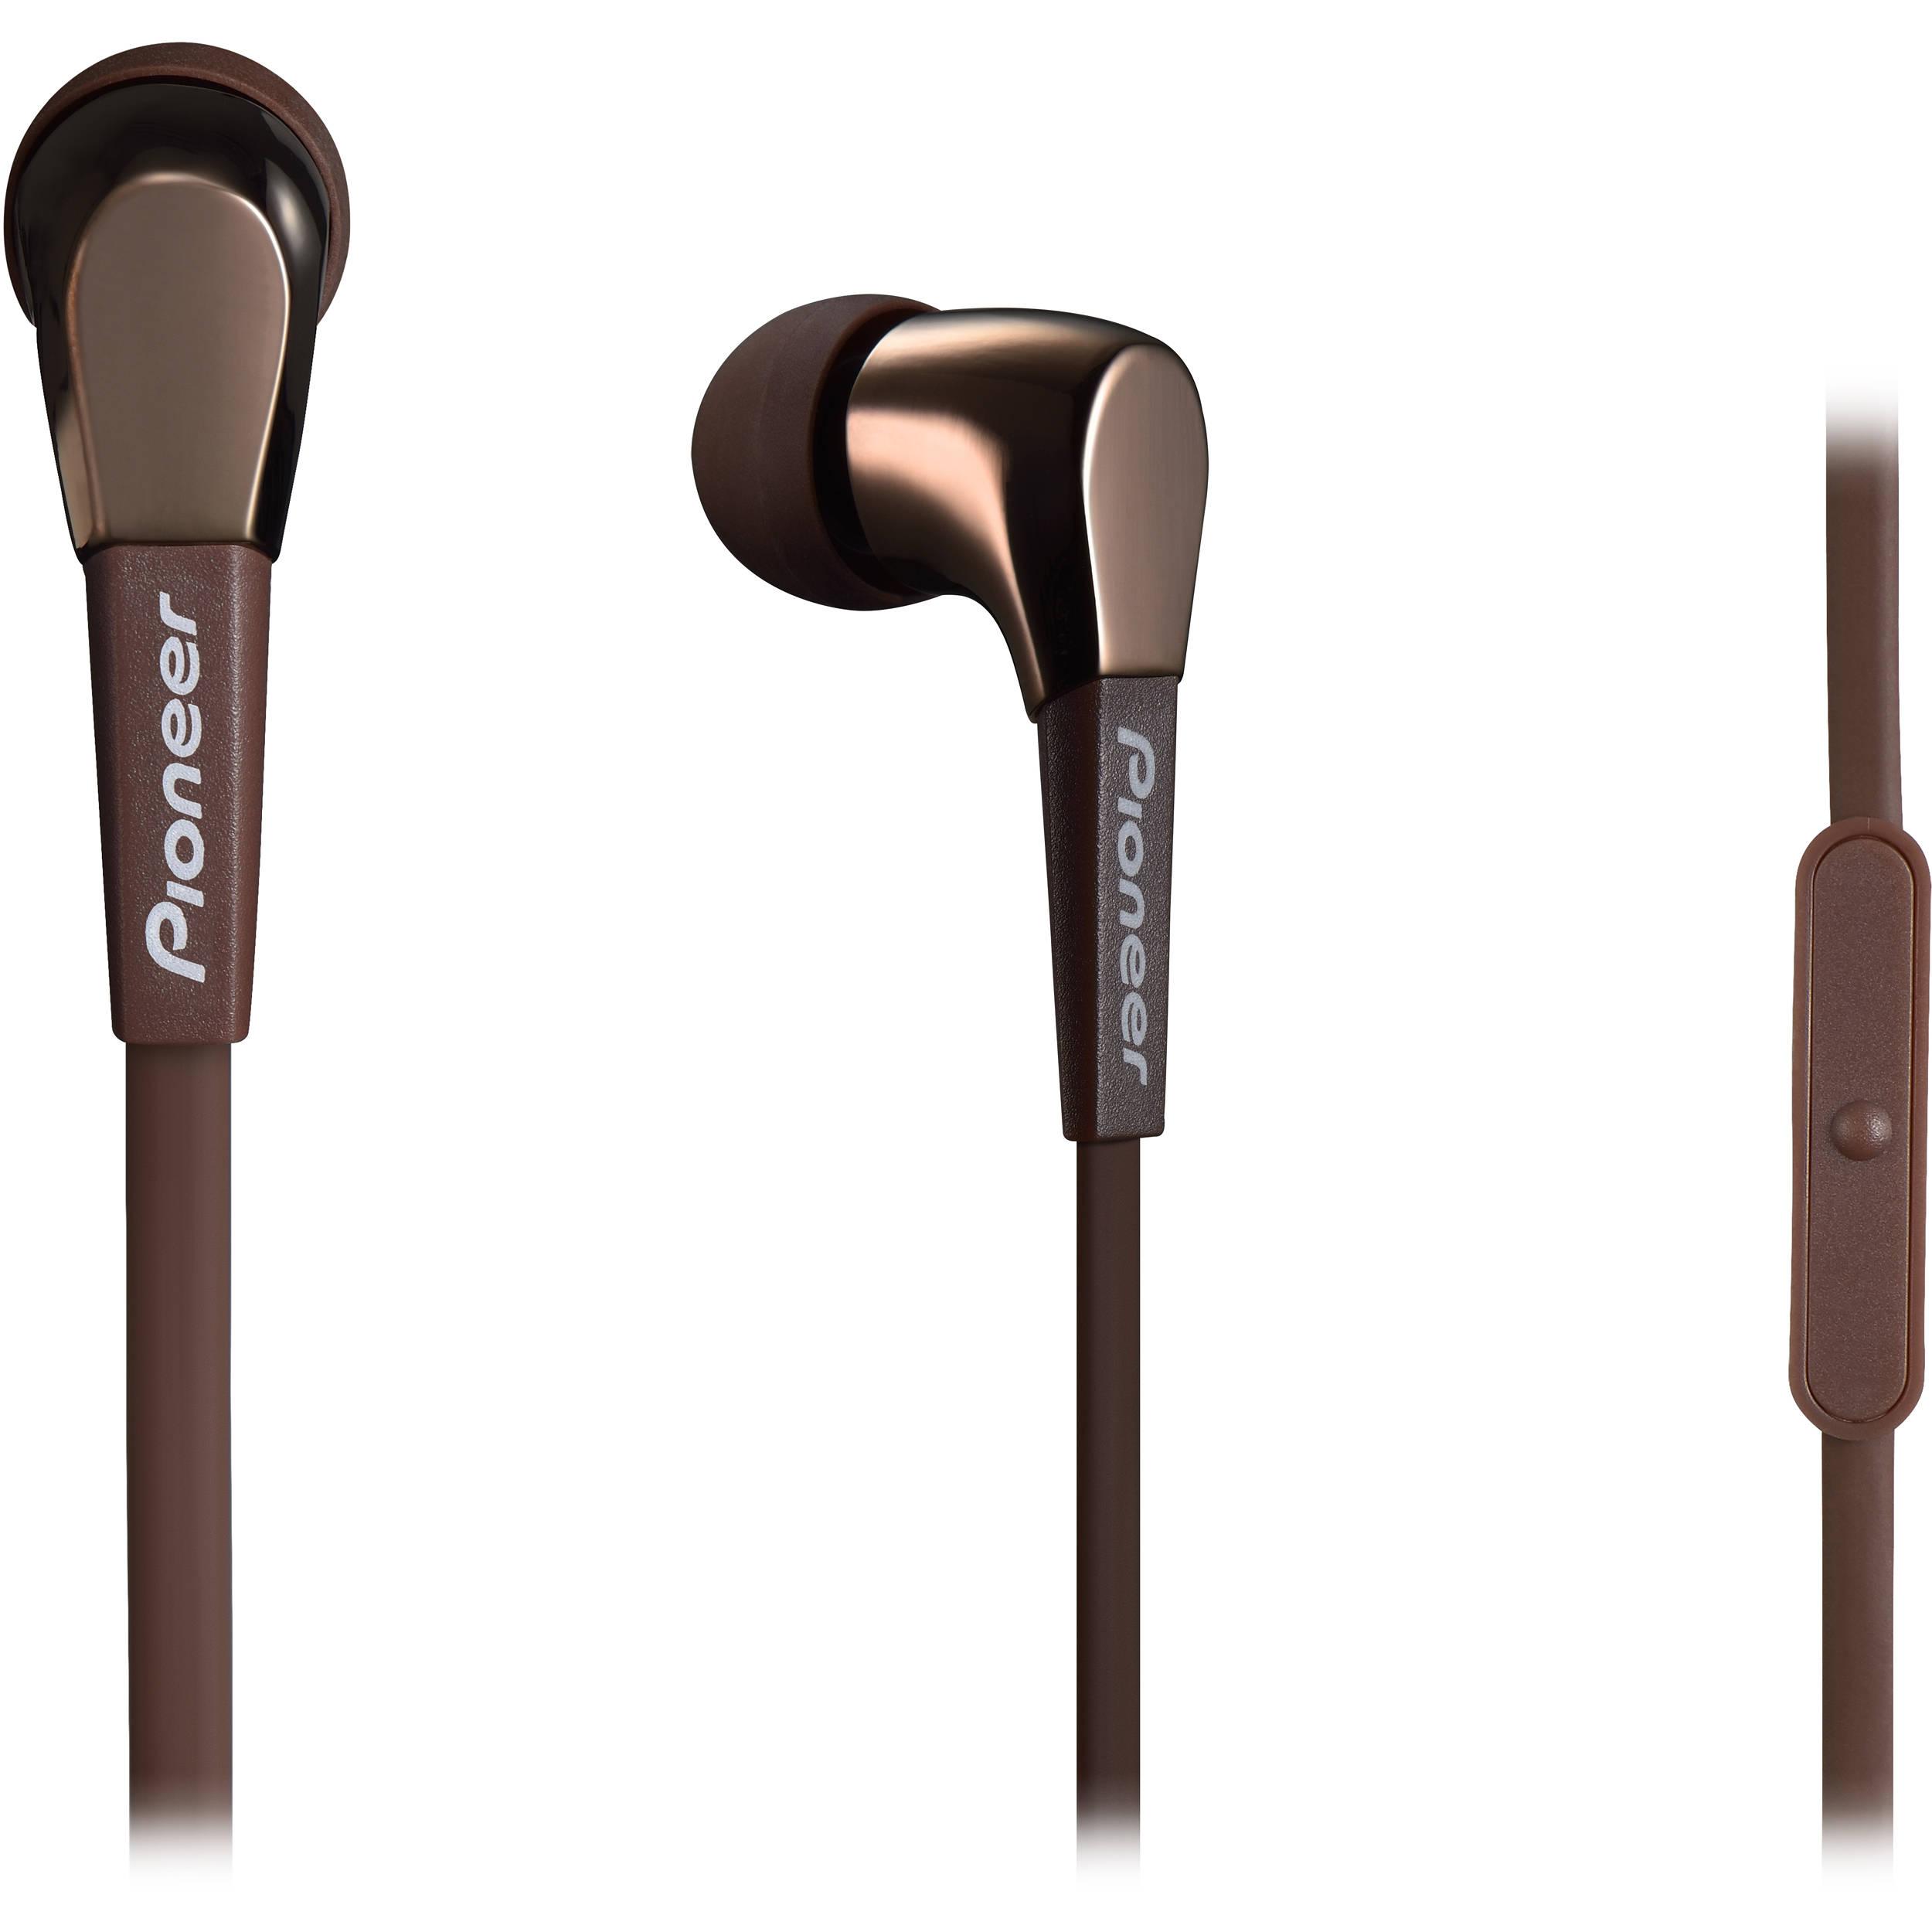 Zip up earbuds - Pioneer SE-CL722T - earphones with mic Overview